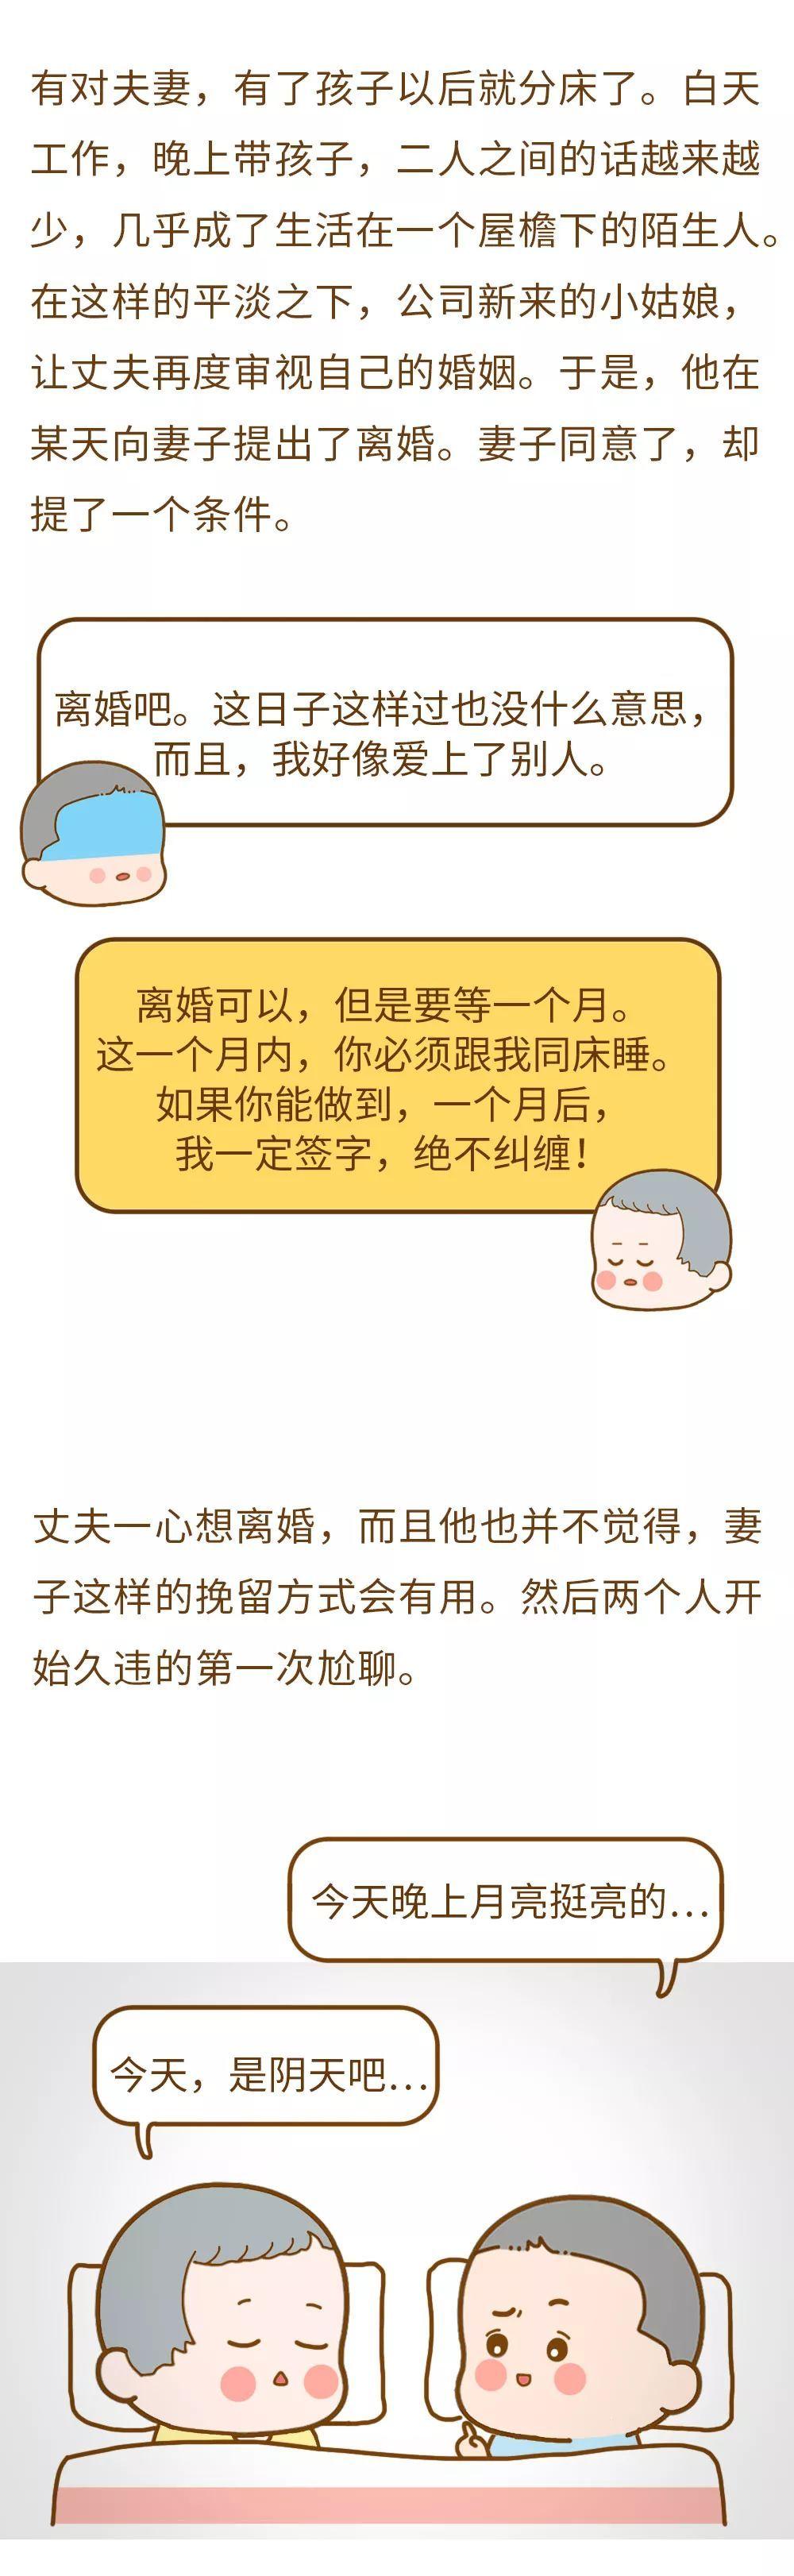 美高梅手机版官方网站 17